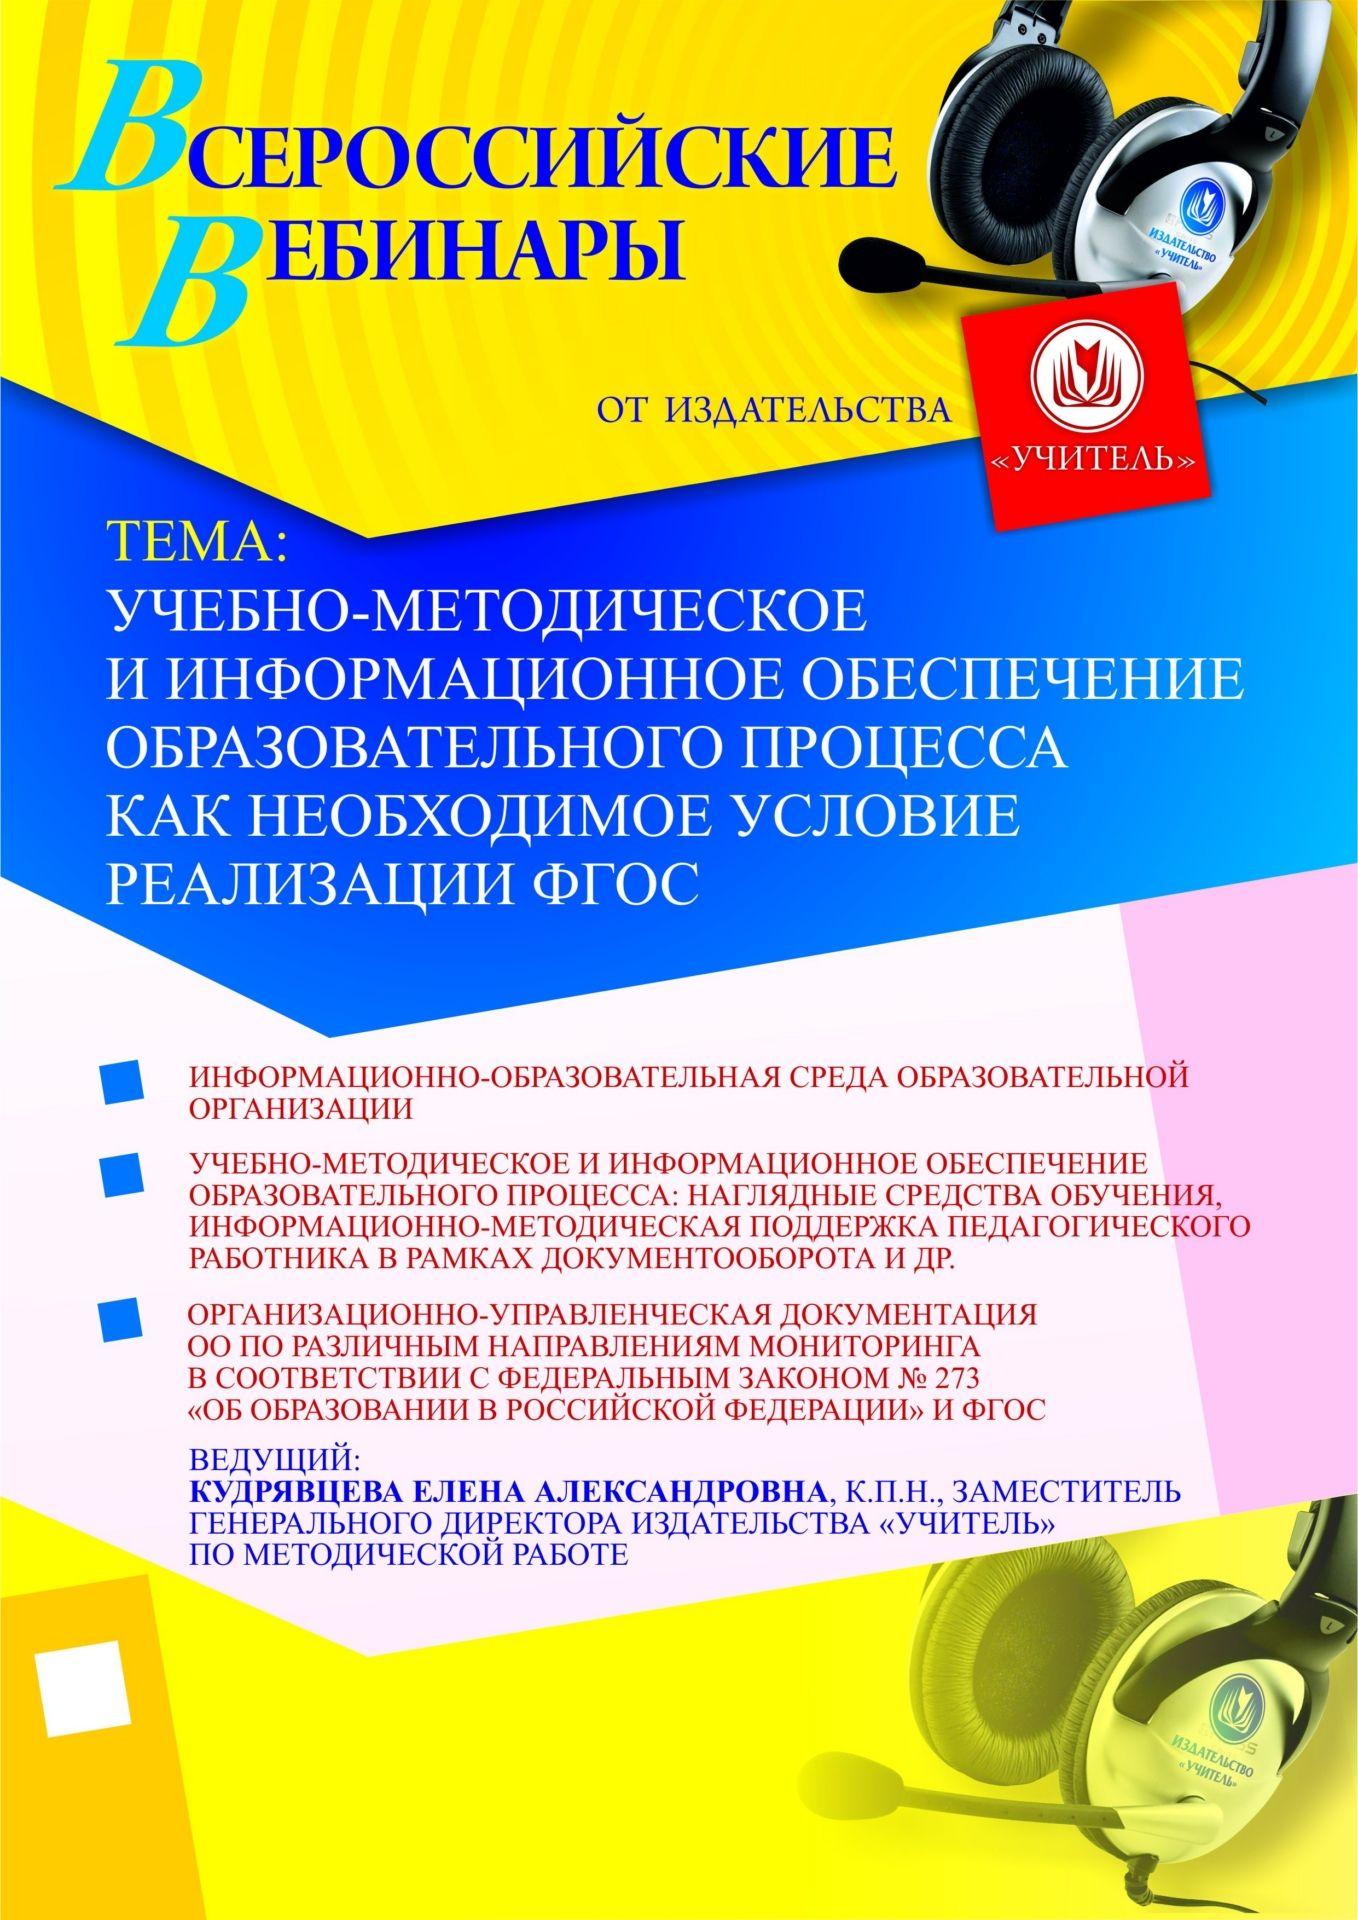 Учебно-методическое и информационное обеспечение образовательного процесса как необходимое условие реализации ФГОС фото